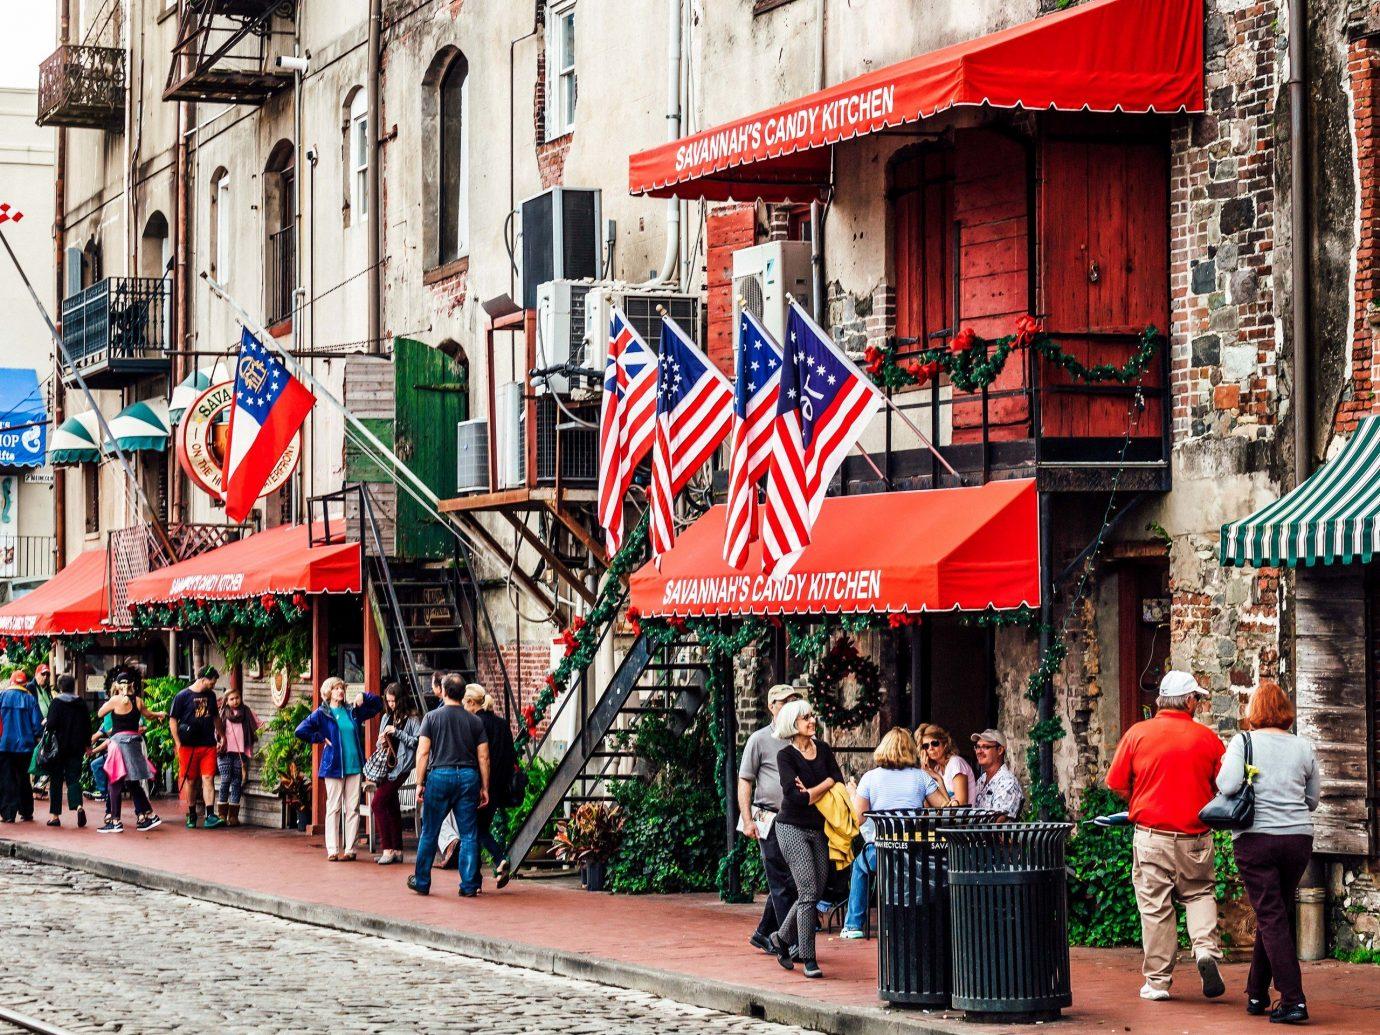 Girls Getaways Trip Ideas Weekend Getaways Town street urban area public space City neighbourhood marketplace Downtown market road pedestrian facade recreation